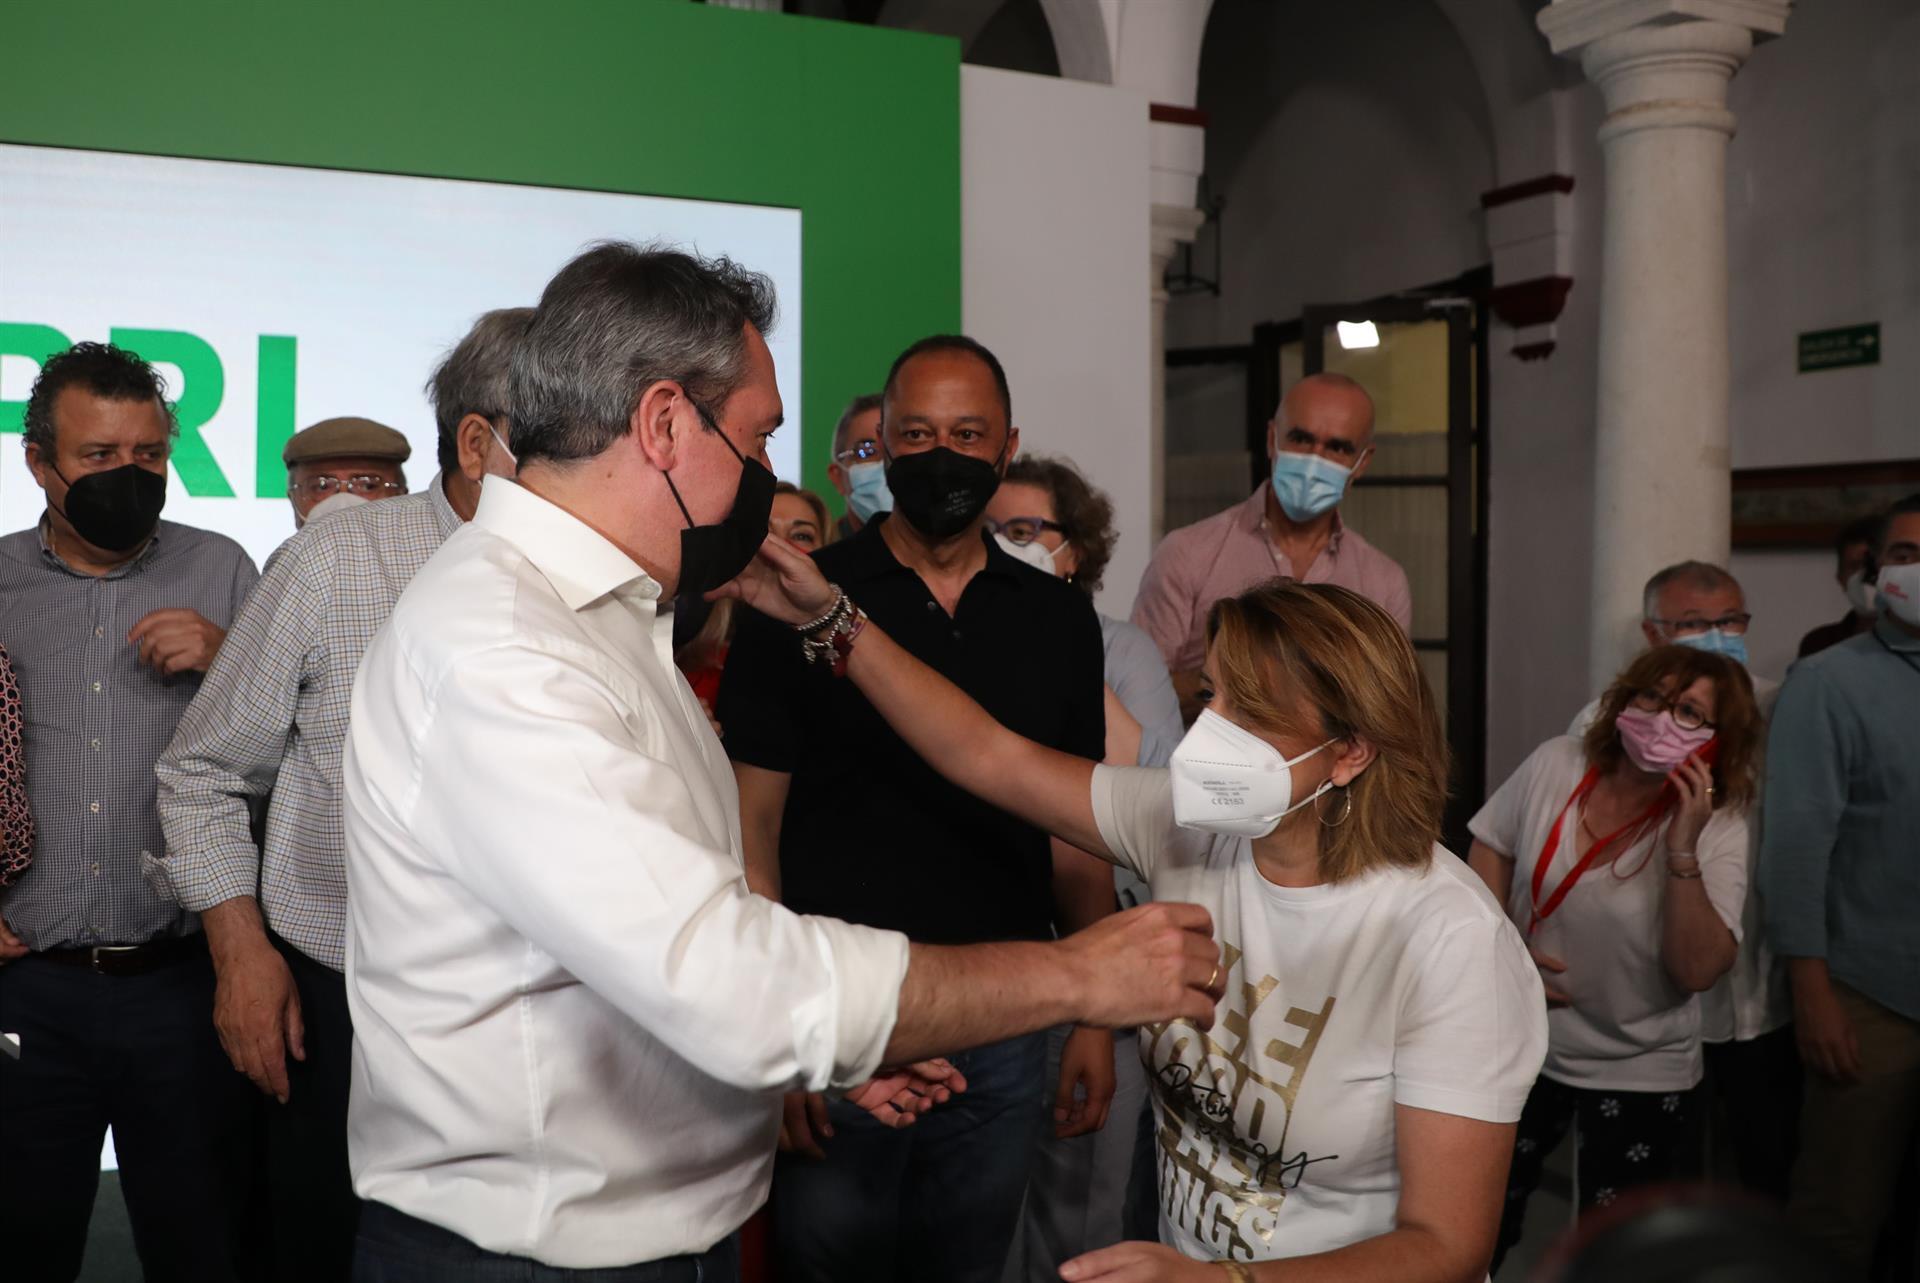 Espadas, convencido de tener la «colaboración» de Susana Díaz porque su triunfo en las primarias «no deja lugar a dudas»